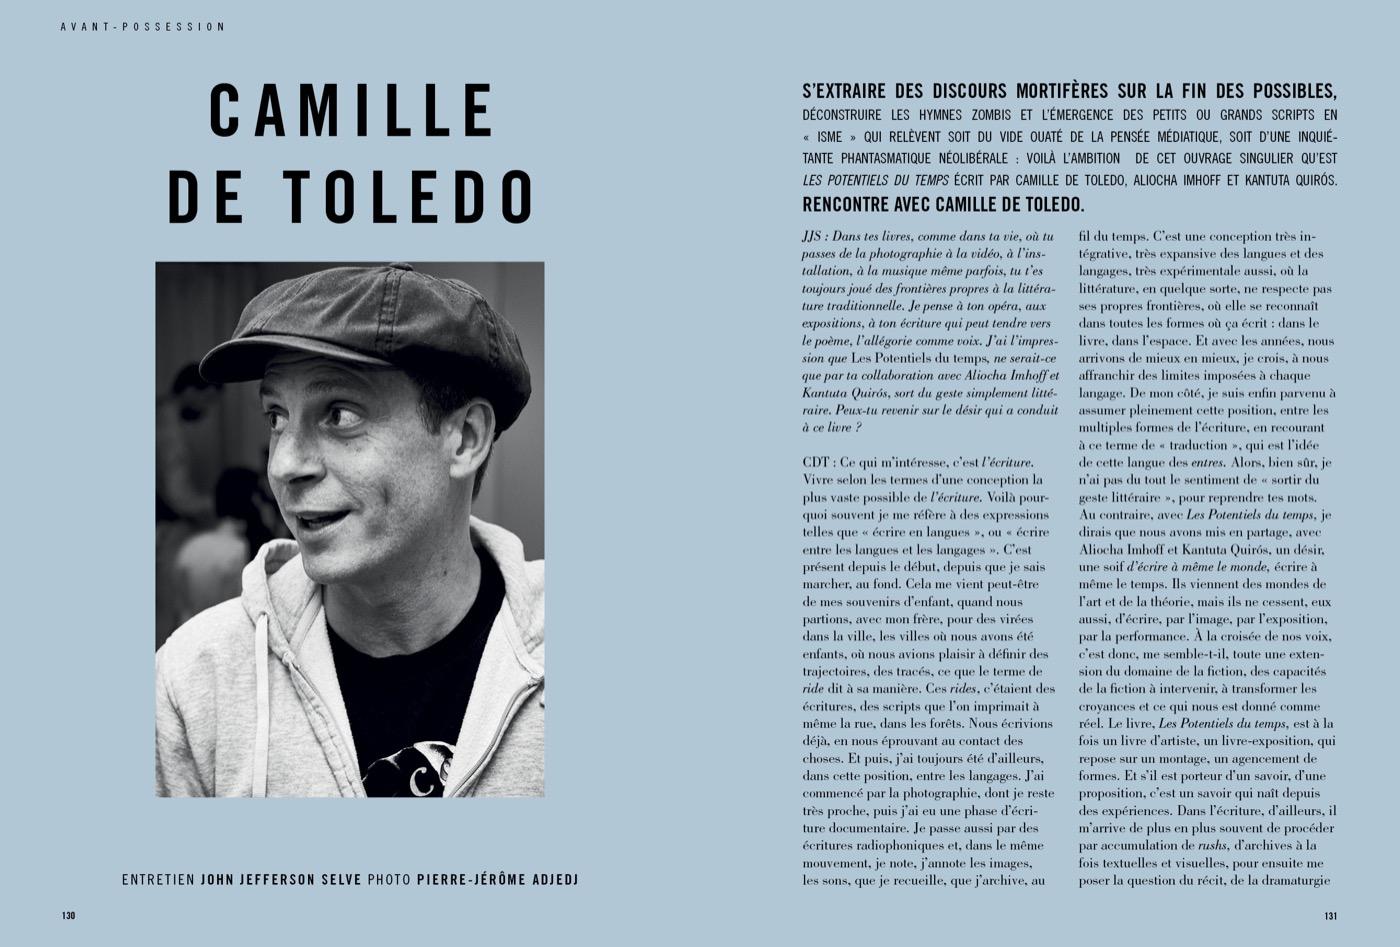 Entretien avec Camille de Toledo par John Jefferson Selve